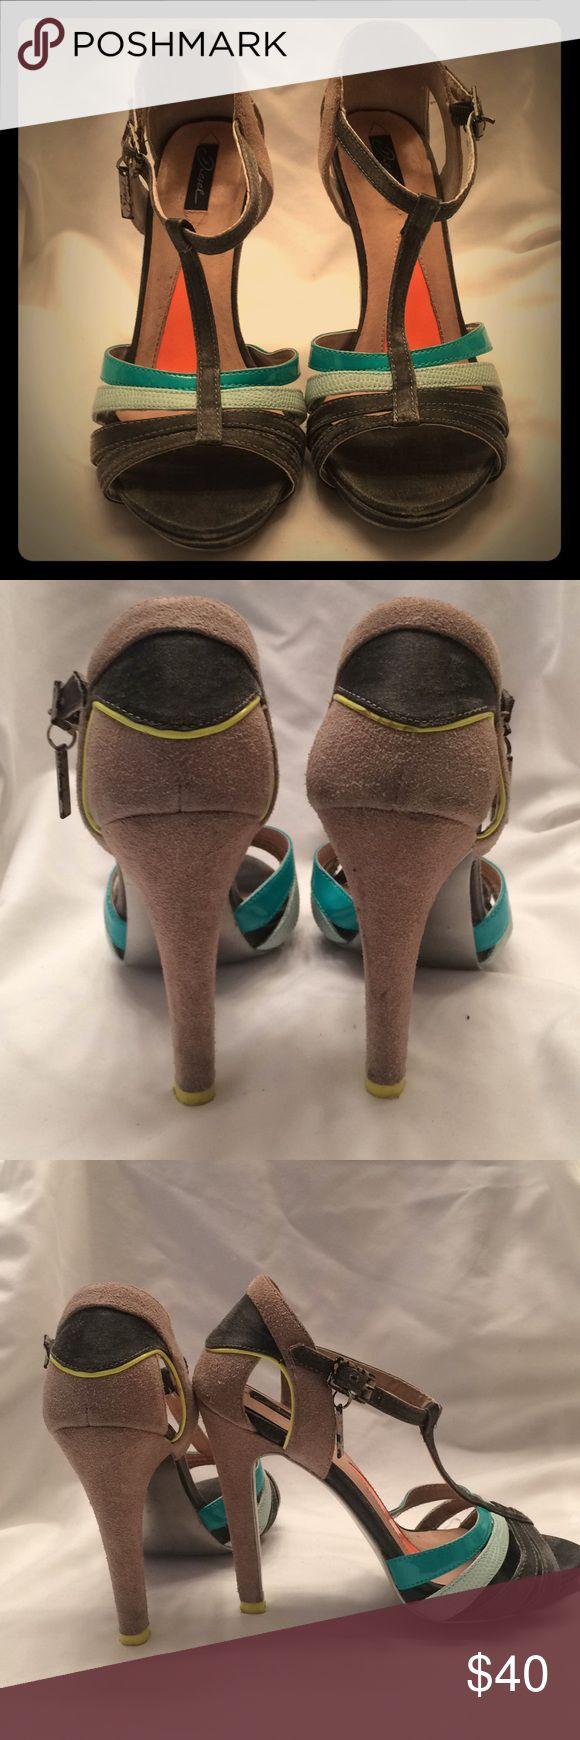 Diesel Heels Grey,aqua,neon t-strap heels Diesel Shoes Heels